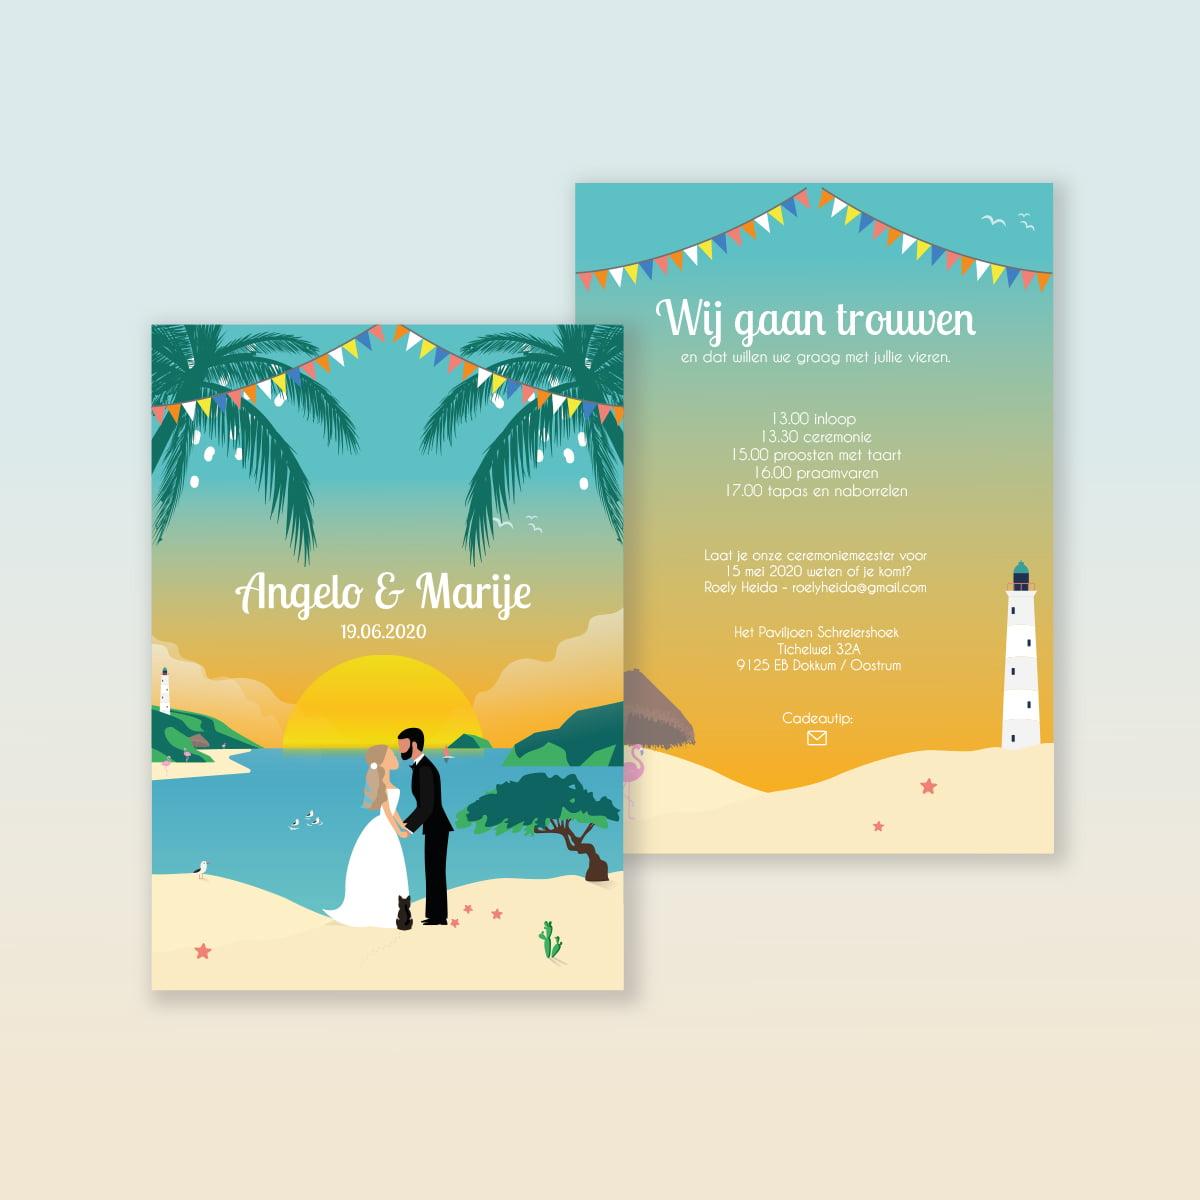 Trouwkaart Angelo & Marije